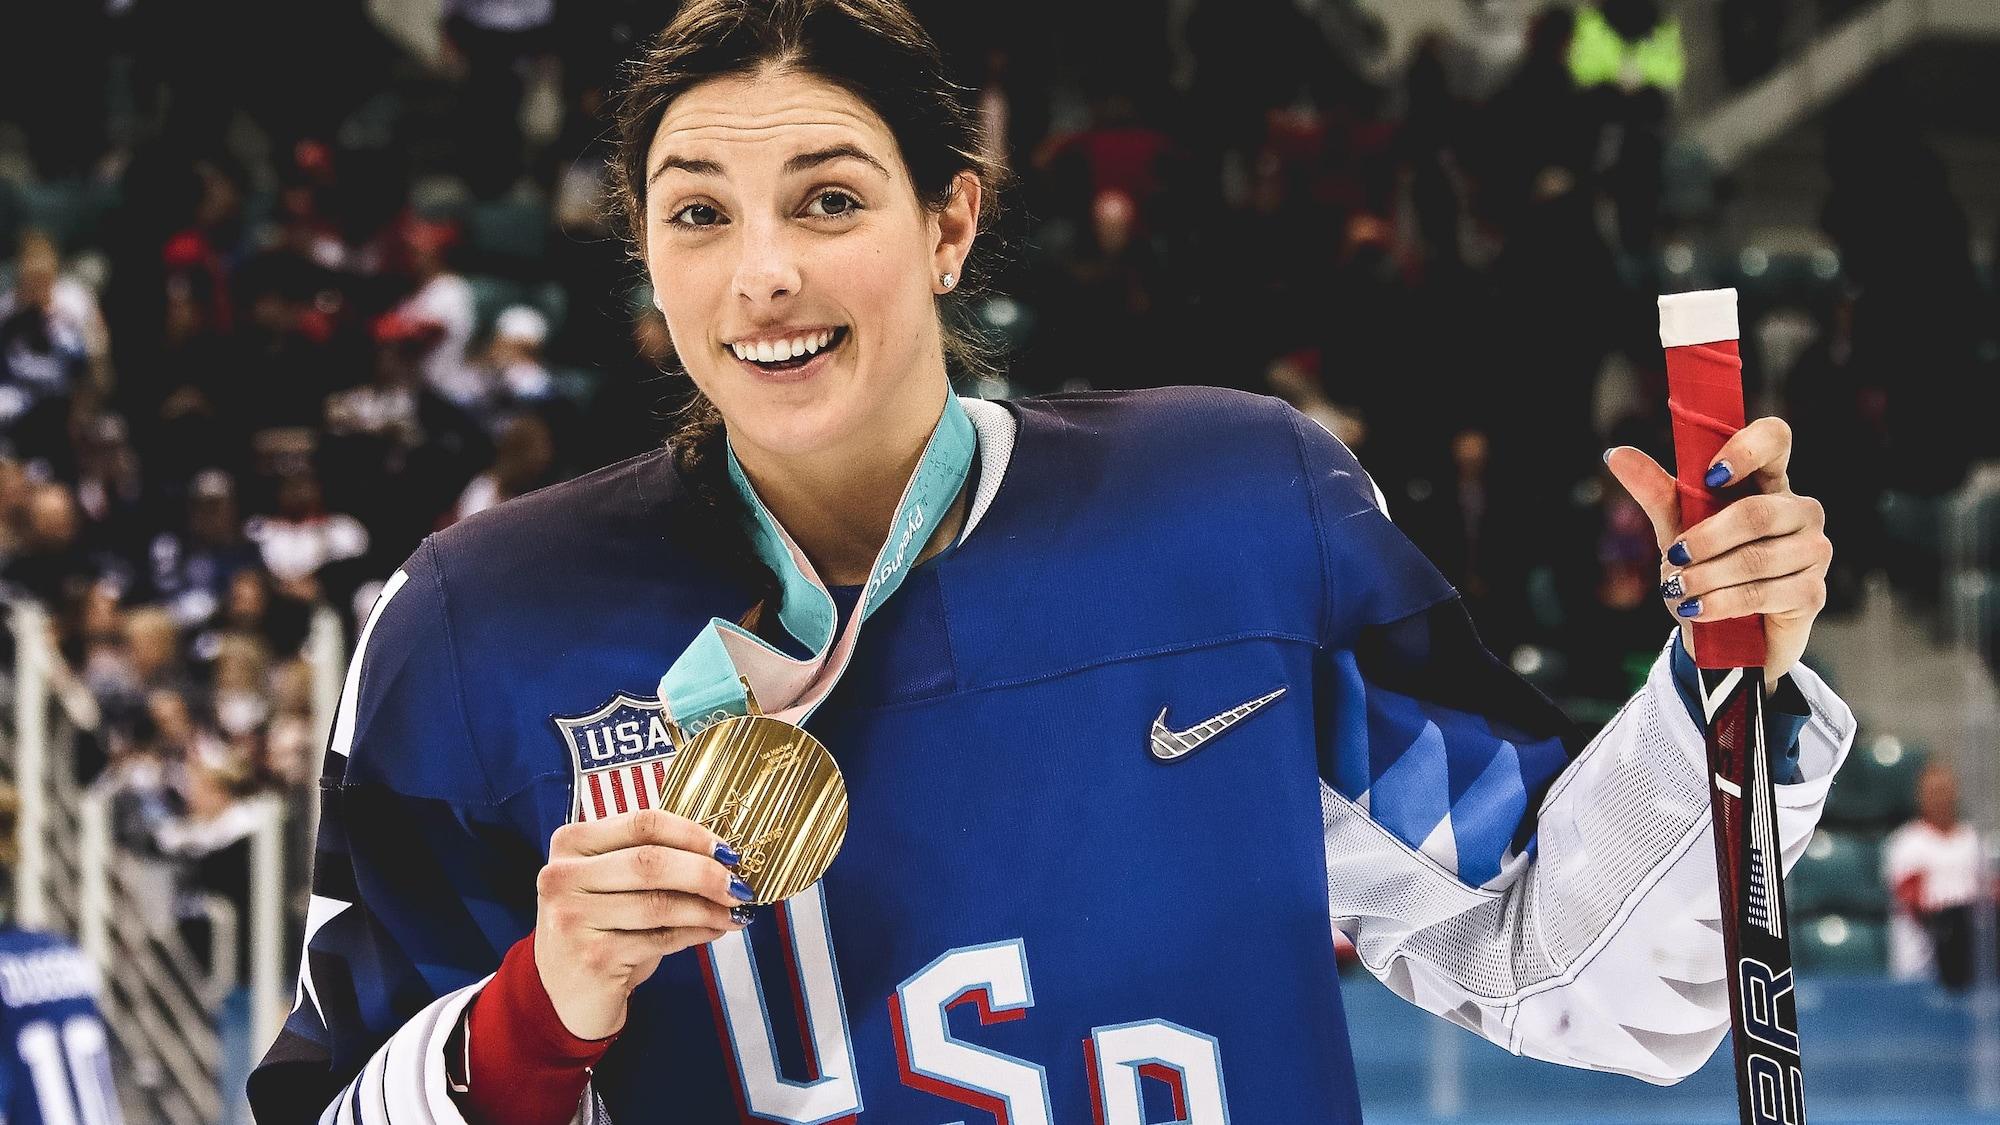 Hilary Knight montre fièrement sa médaille d'or après la victoire des États-Unis contre le Canada en finale aux Jeux olympiques de Pyeongchang.